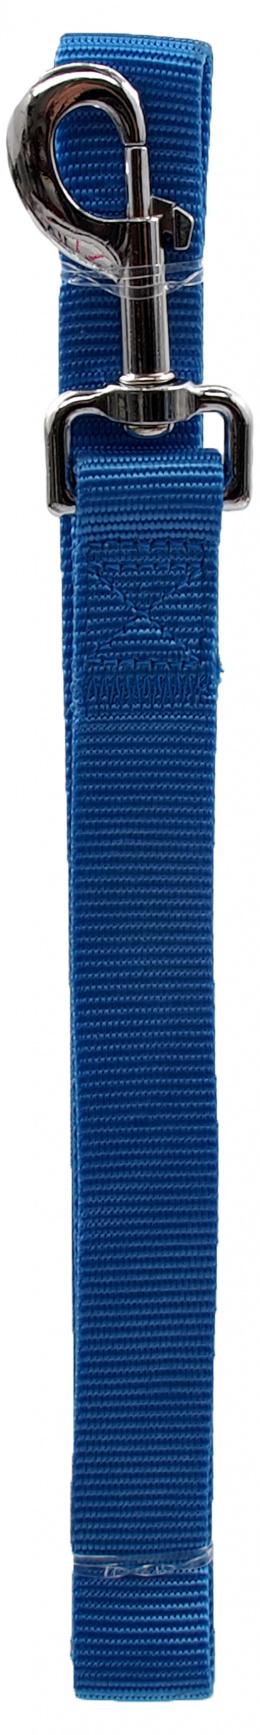 Voditko DF Classic L modre 2,5x120cm